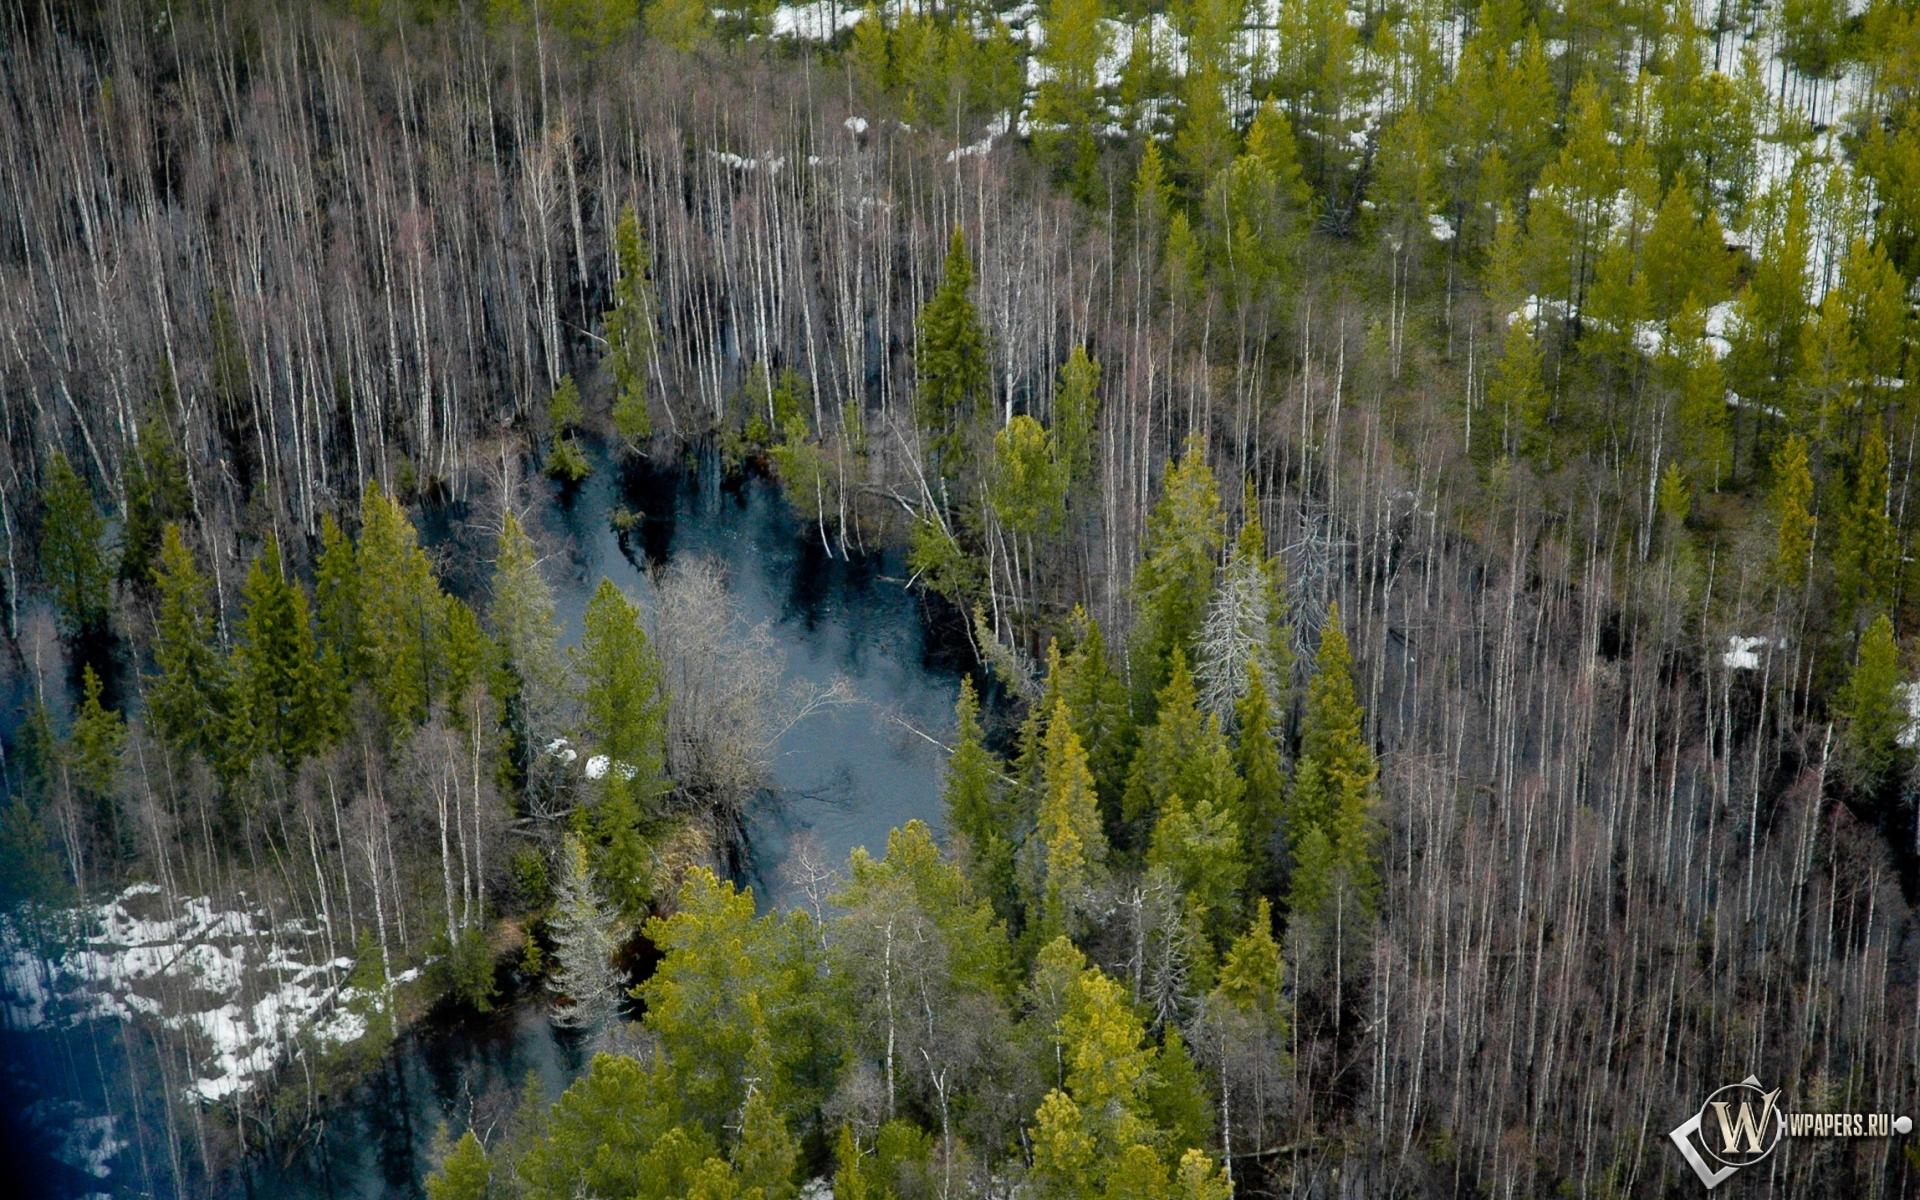 Лес лес обоев 261 деревья обоев 289 весна